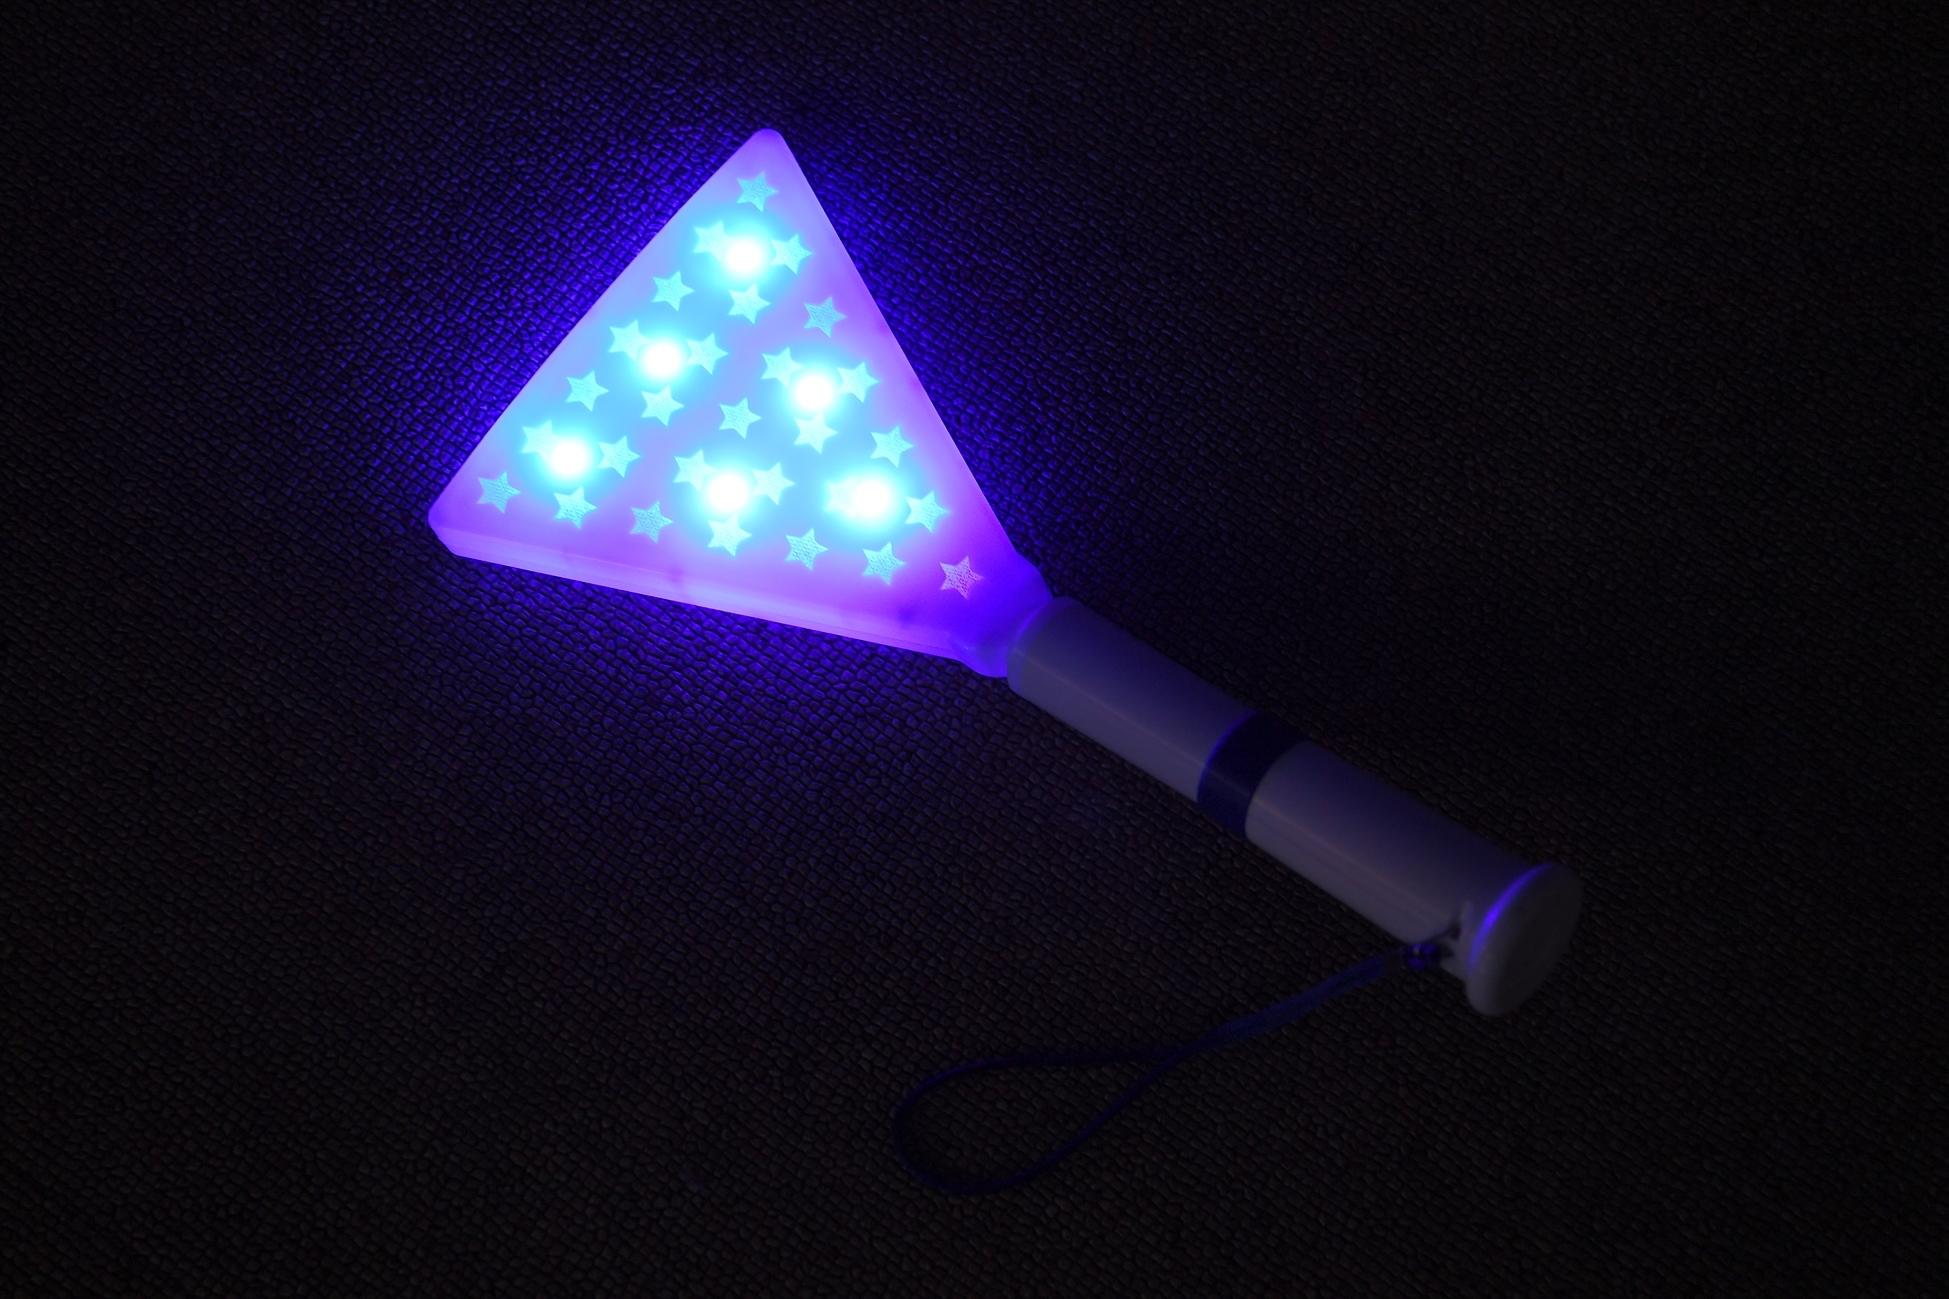 Y型照明塔をモチーフにした青く光る「ハマスタ照明塔ペンライト」